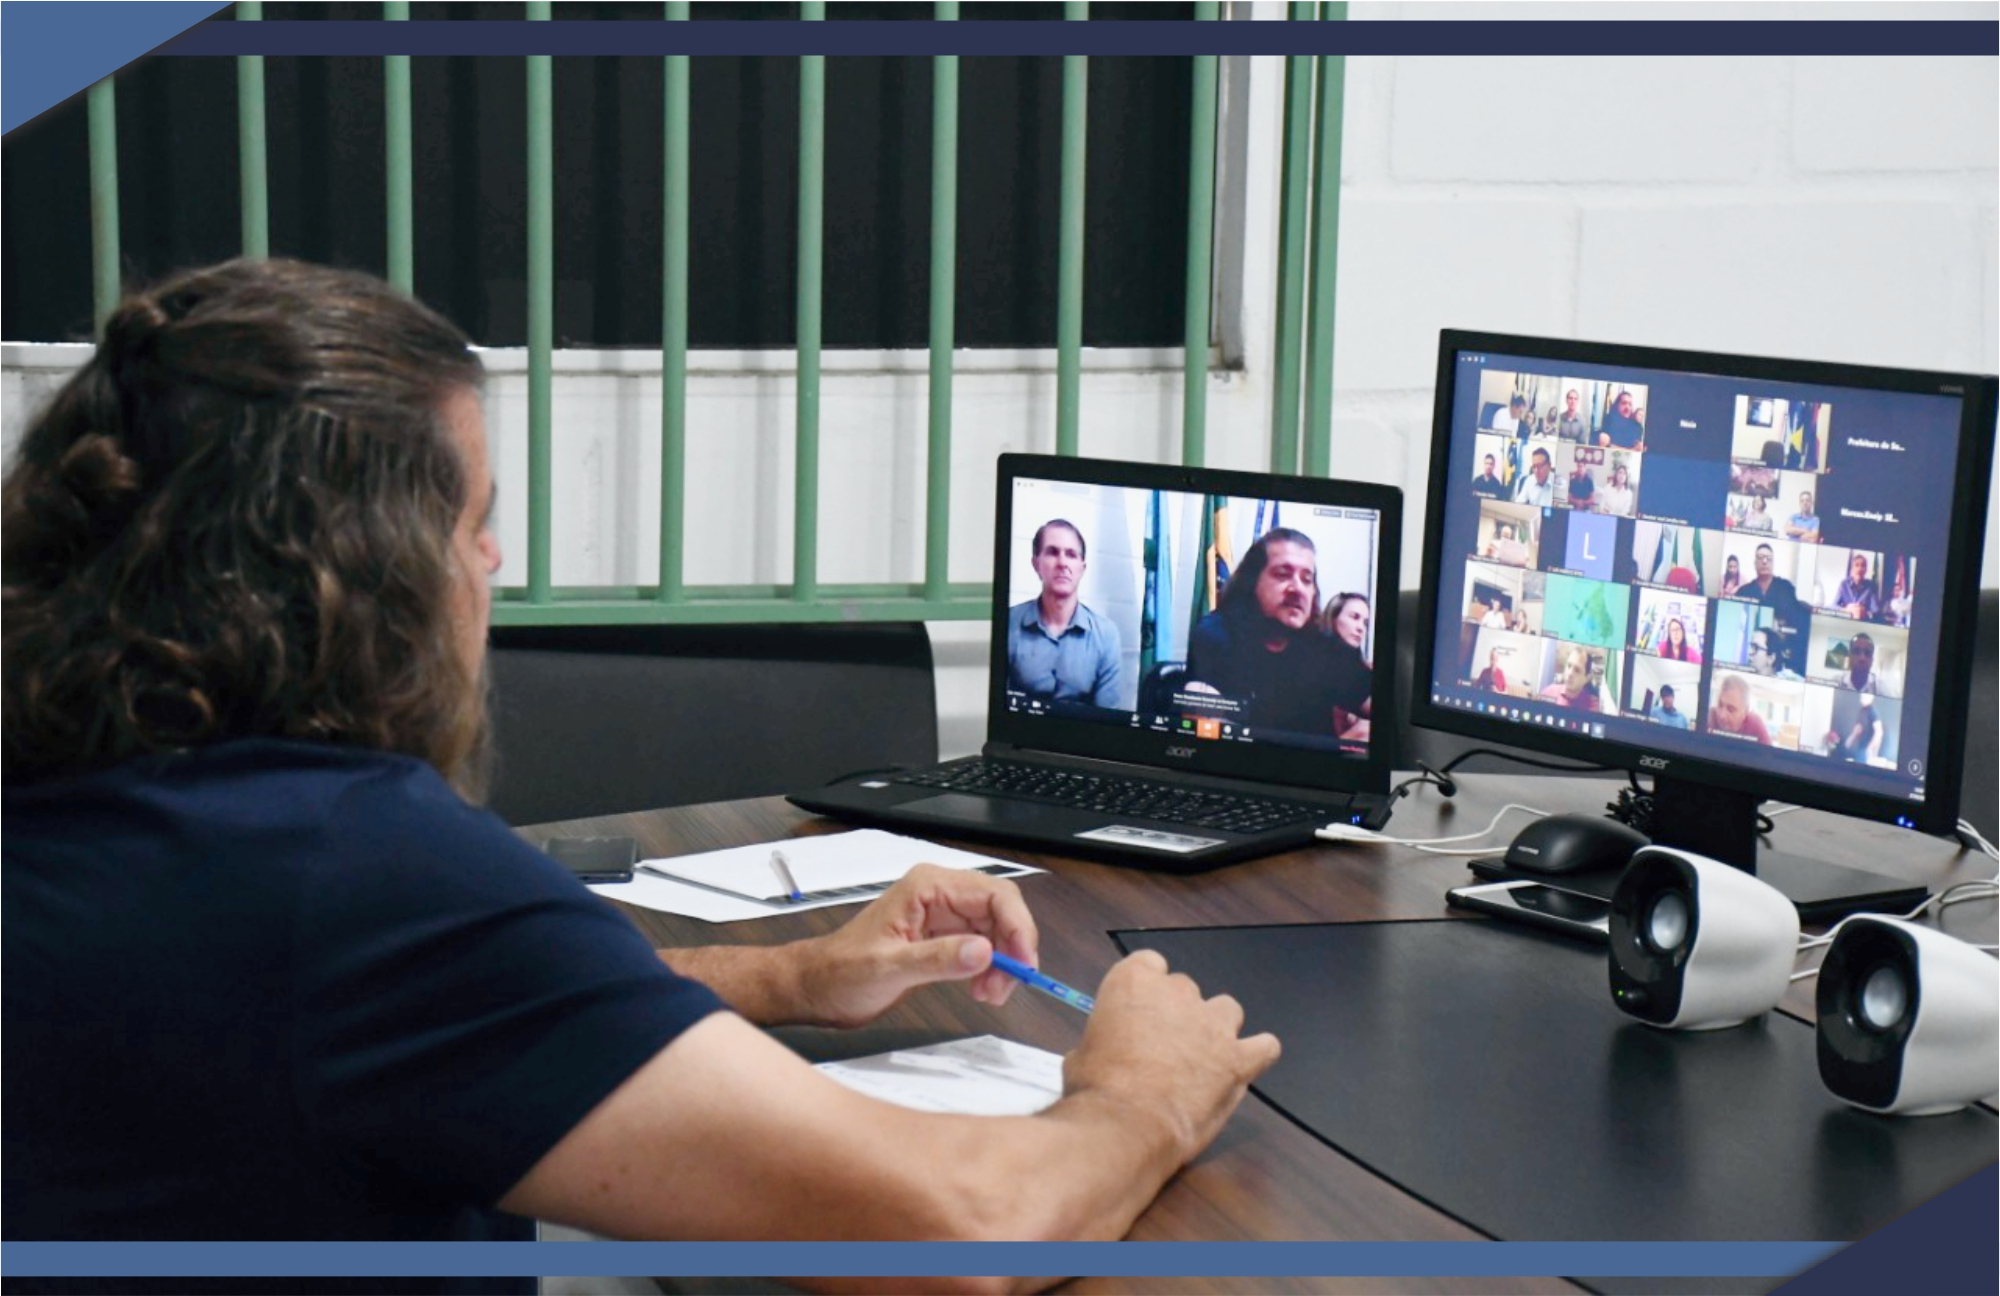 EM VIDEOCONFERÊNCIA COM PREFEITOS CAPIXABAS E GOVERNADOR, O PREFEITO DE SÃO MATEUS REFORÇA MEDIDAS CONTRA O CORONAVÍRUS